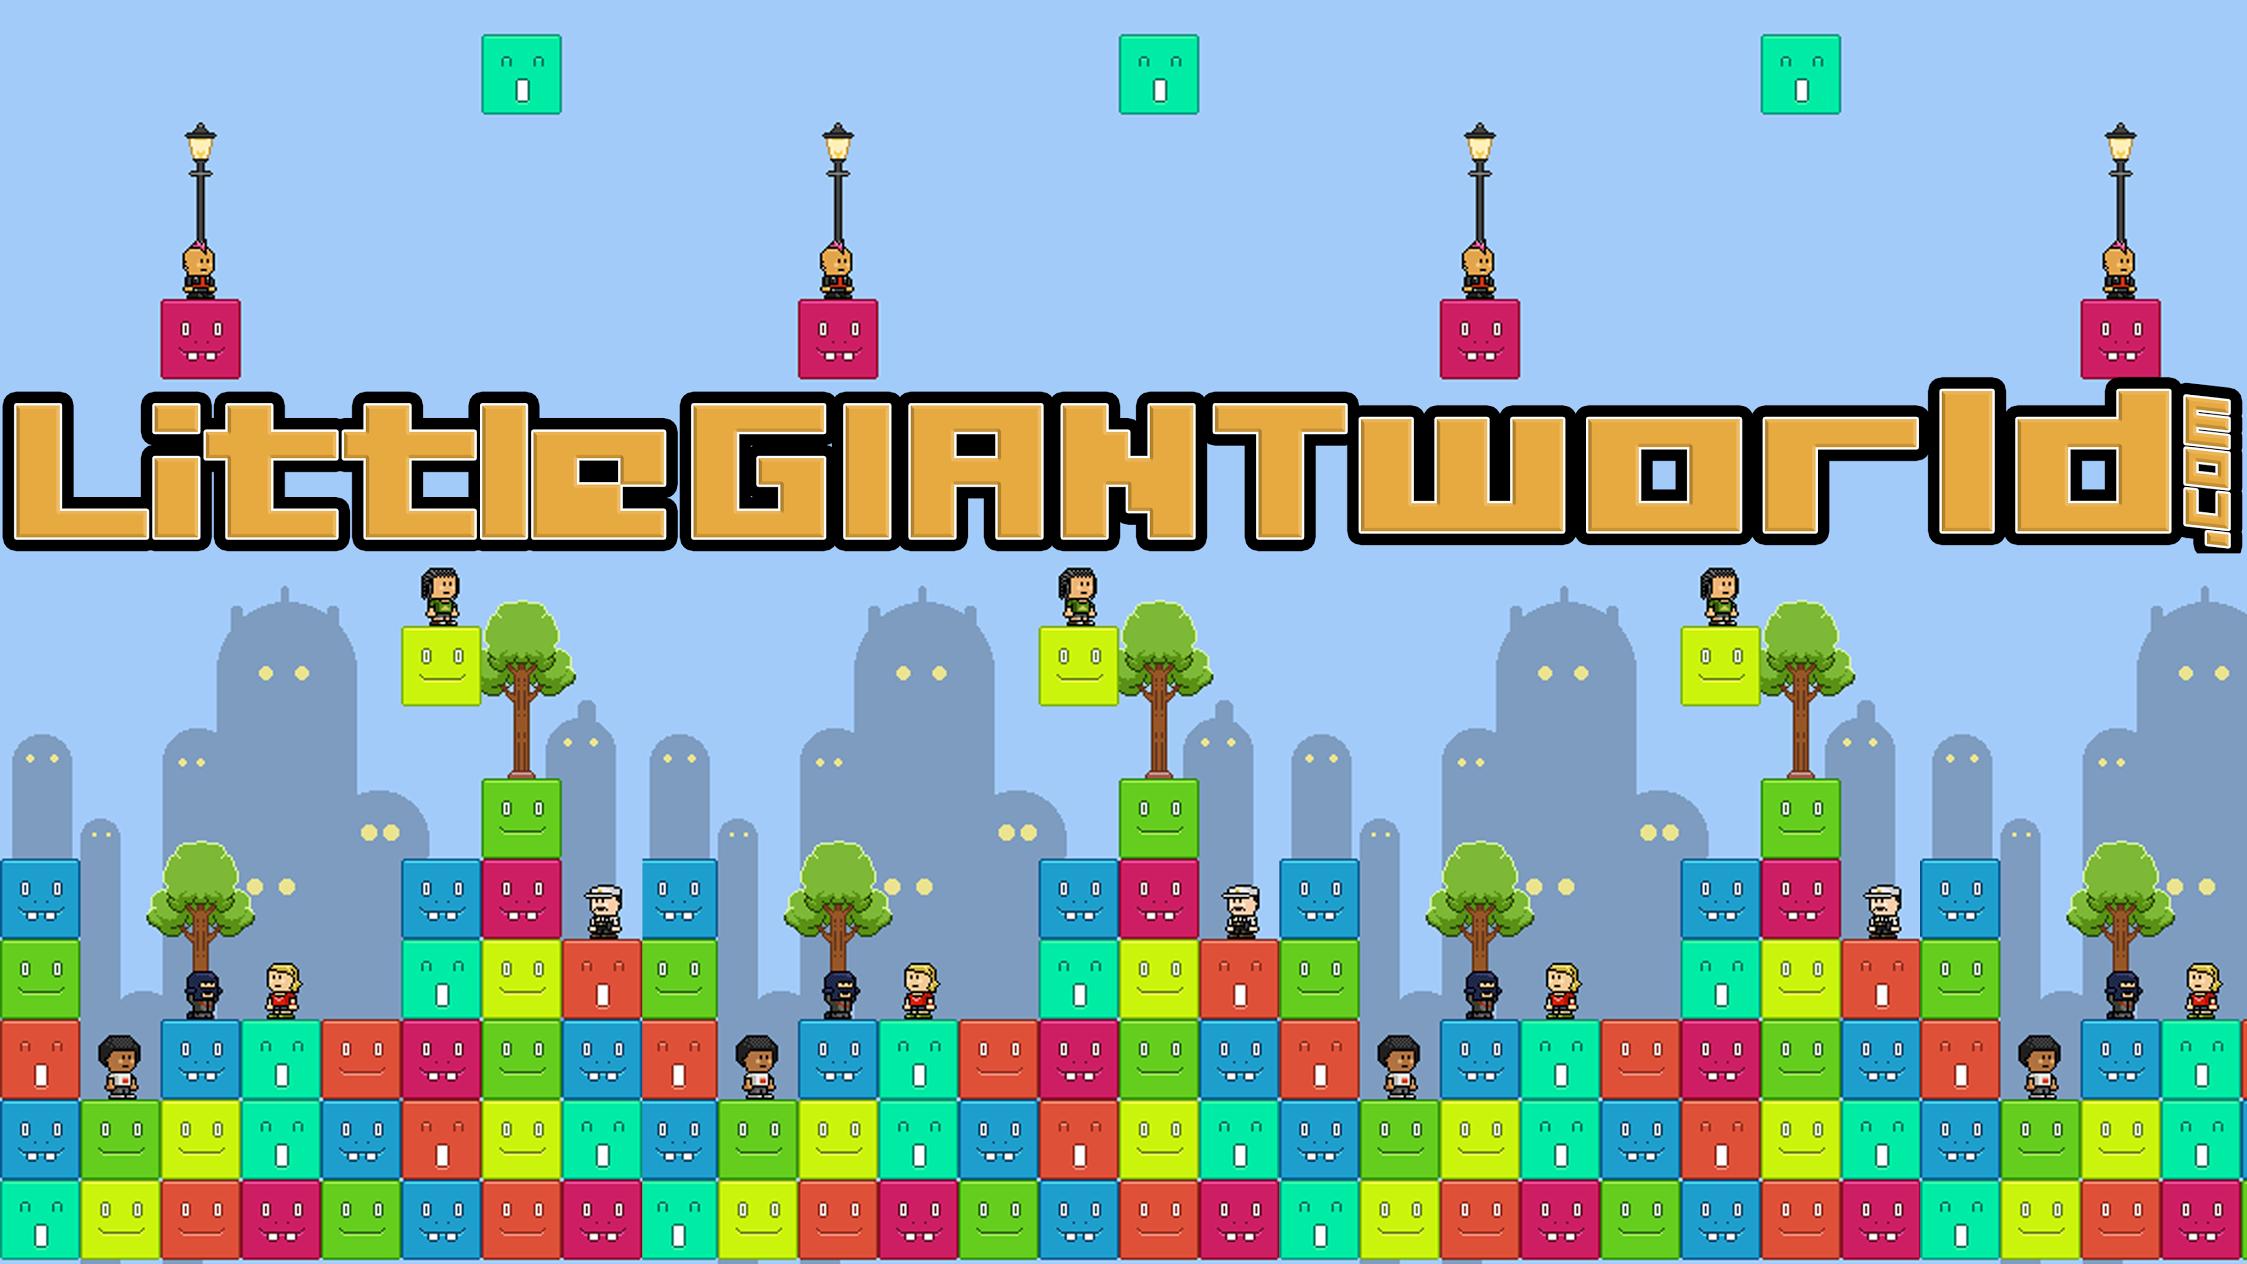 LittleGiantWorld